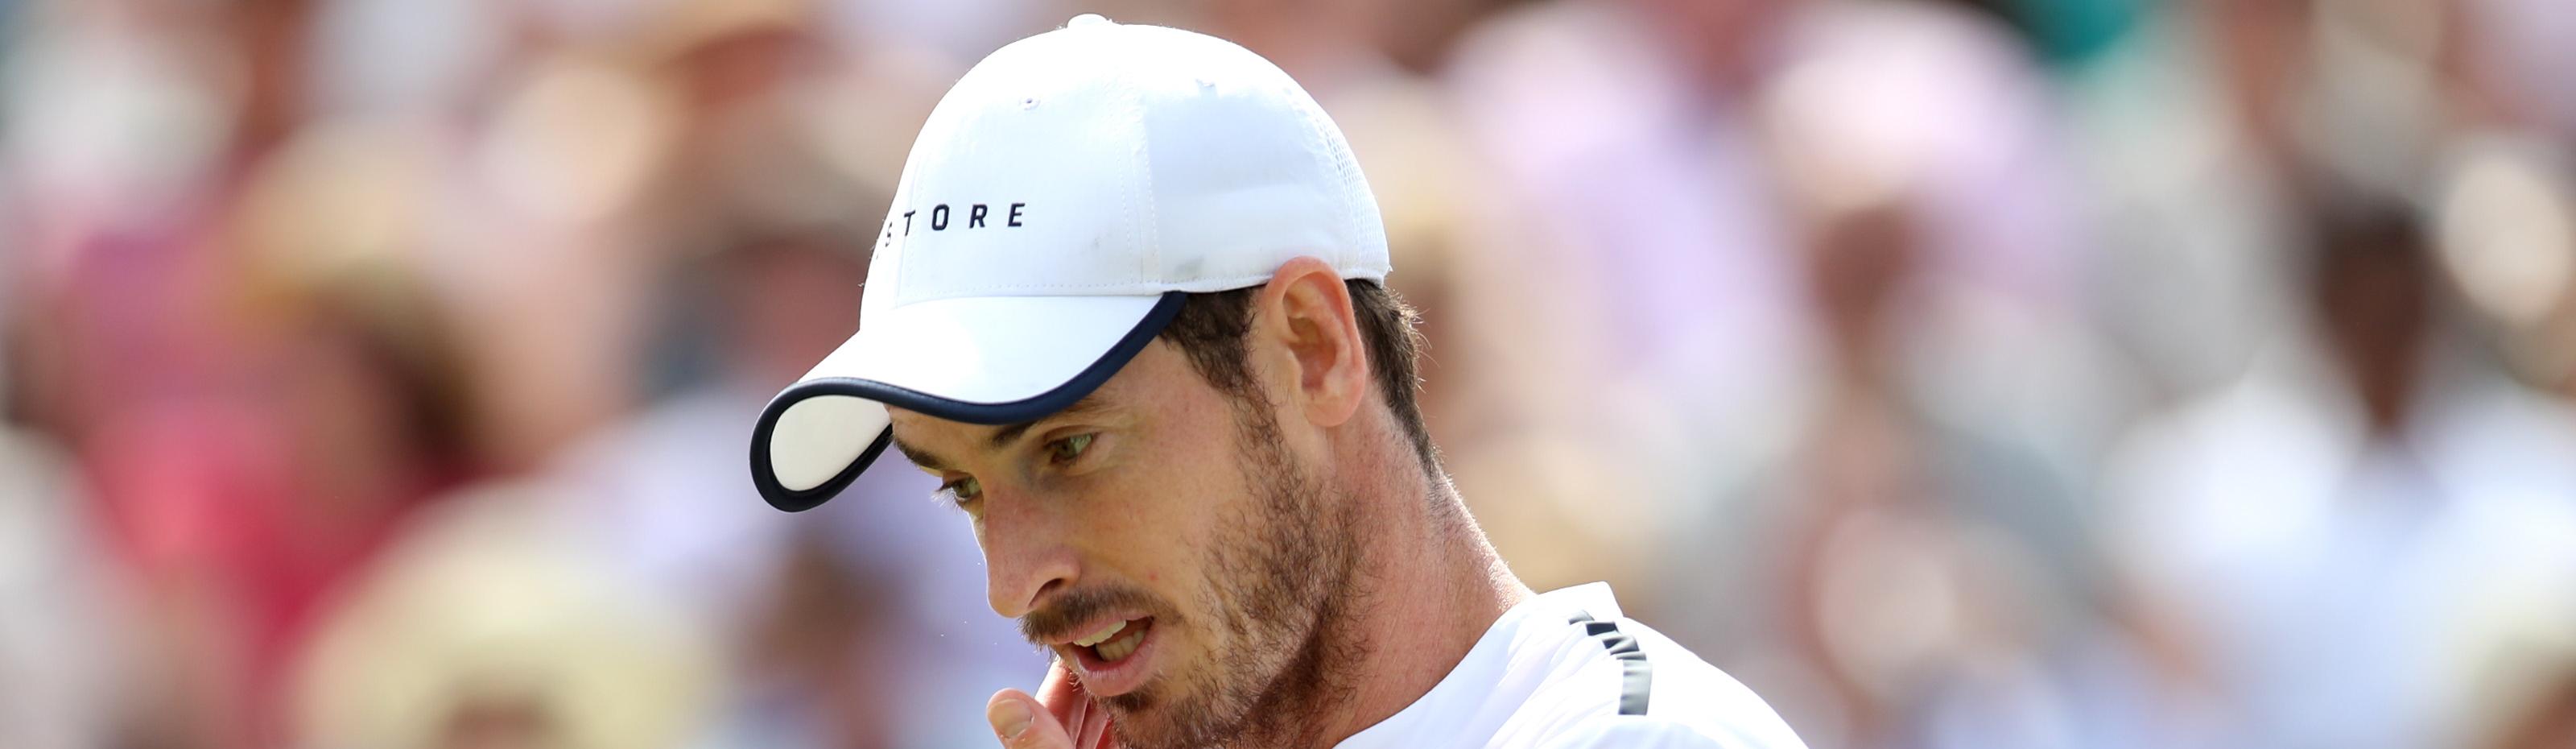 ATP Cincinnati, il rientro di Murray. In campo anche Giorgi e Berrettini